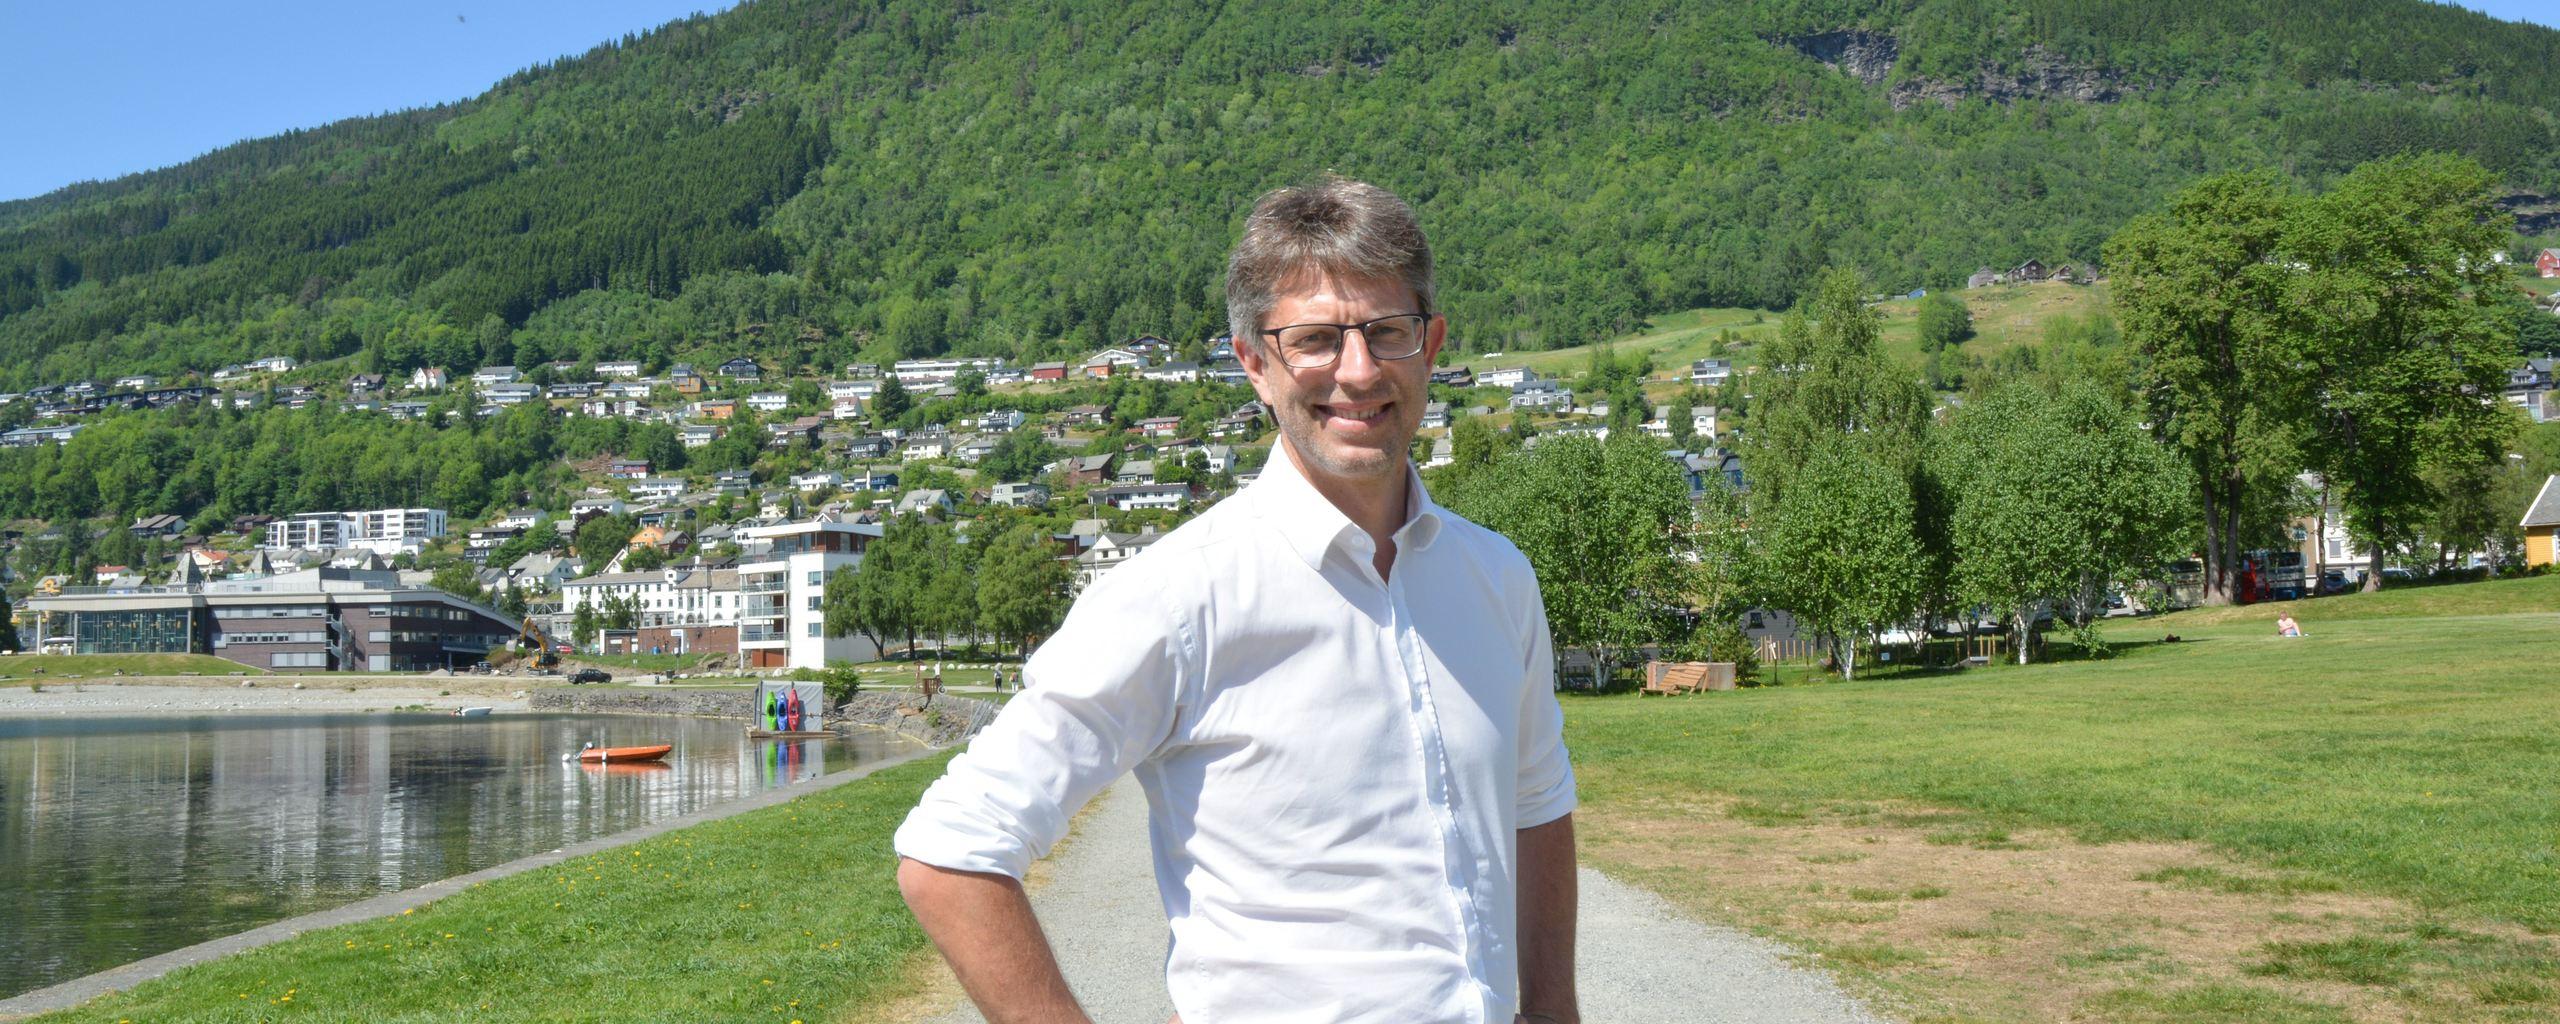 Ordførar i Voss Kommune, Hans-Erik Ringkjøb